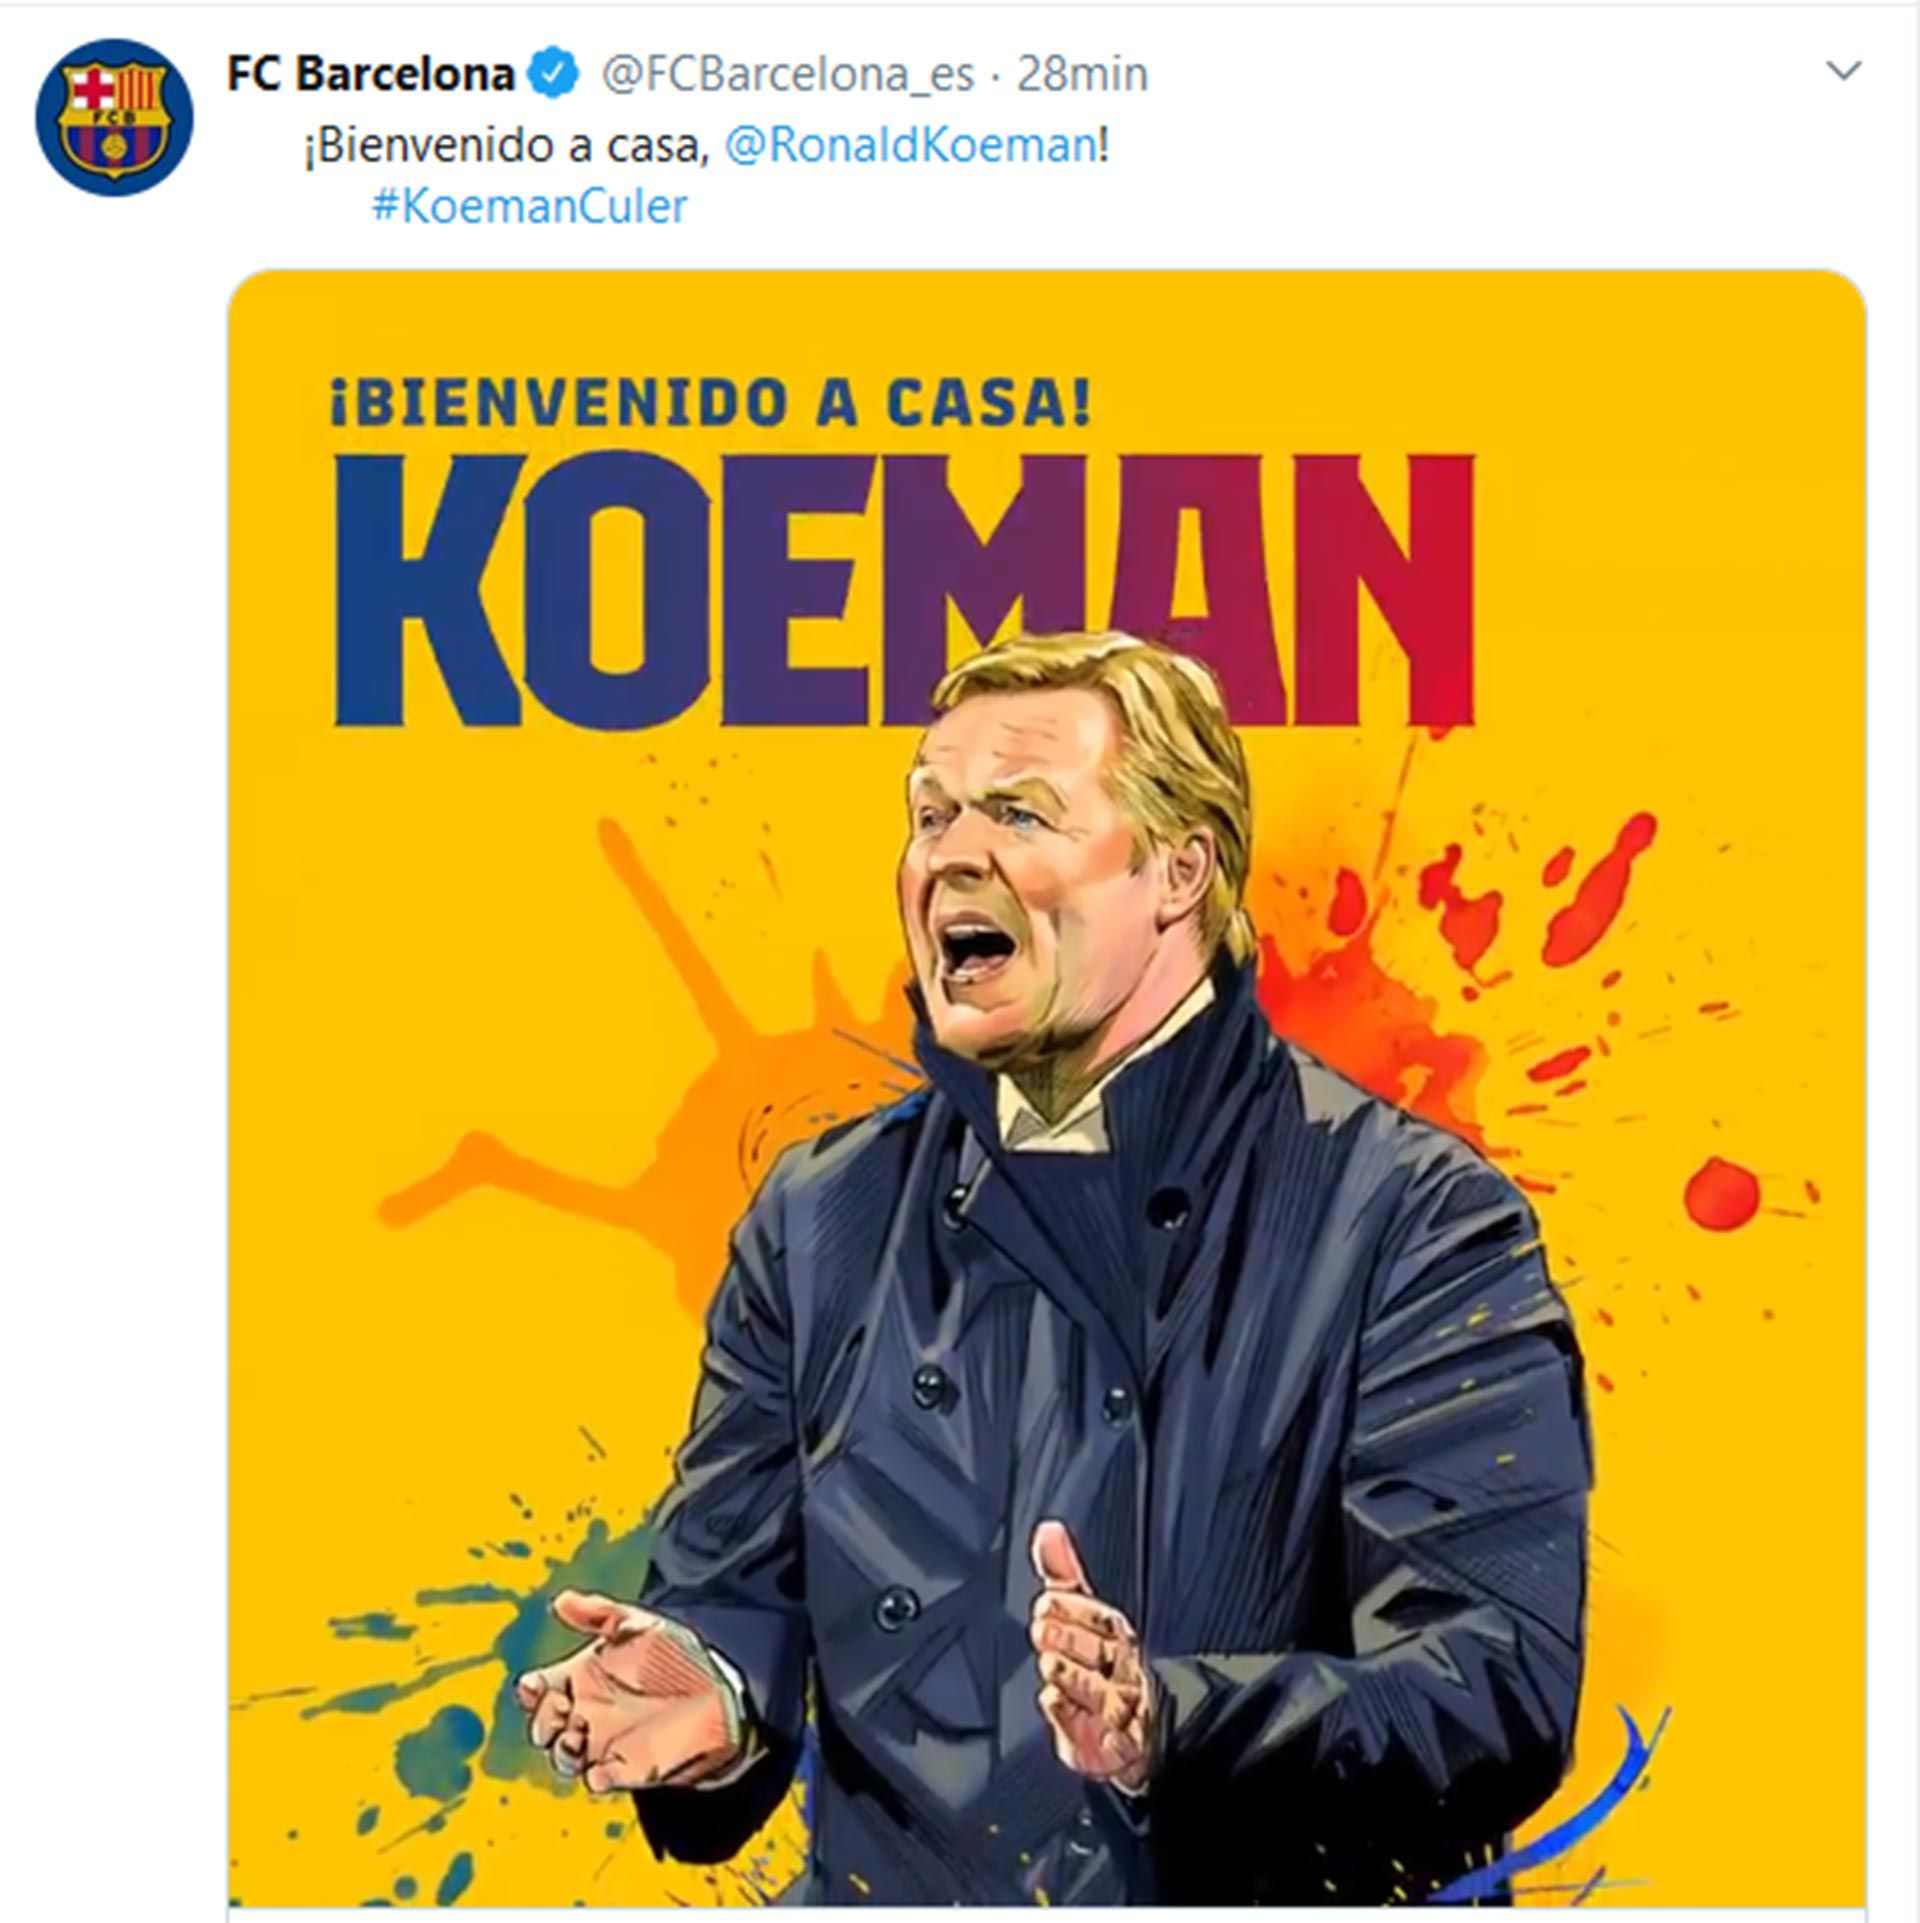 KOEMAN ENTRENADOR BARCELONA